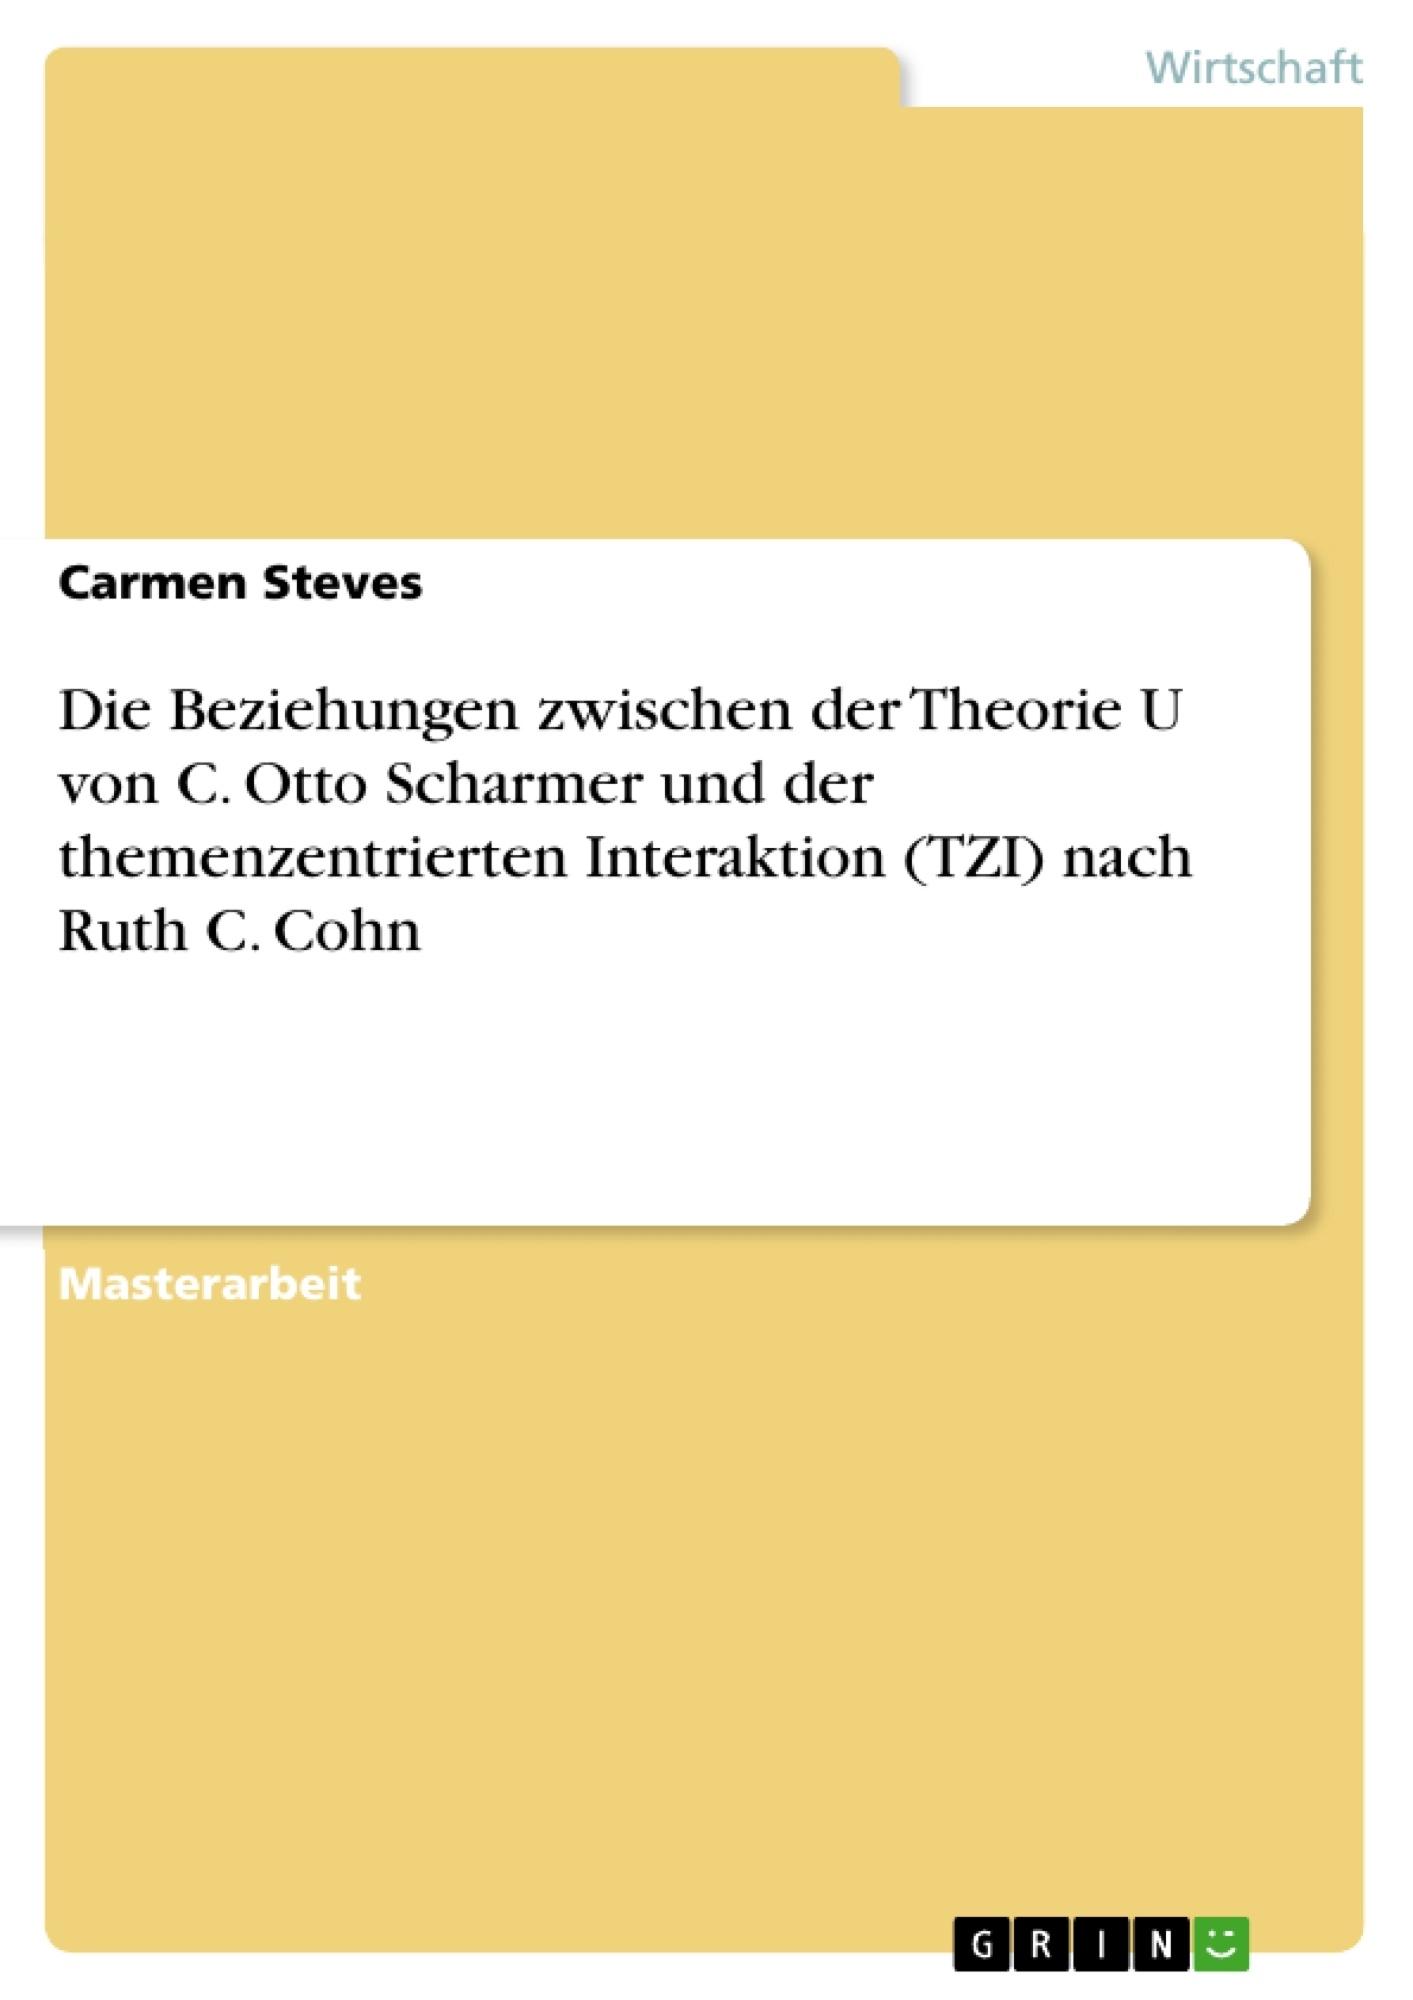 Titel: Die Beziehungen zwischen der Theorie U von  C. Otto Scharmer und der themenzentrierten Interaktion (TZI) nach Ruth C. Cohn